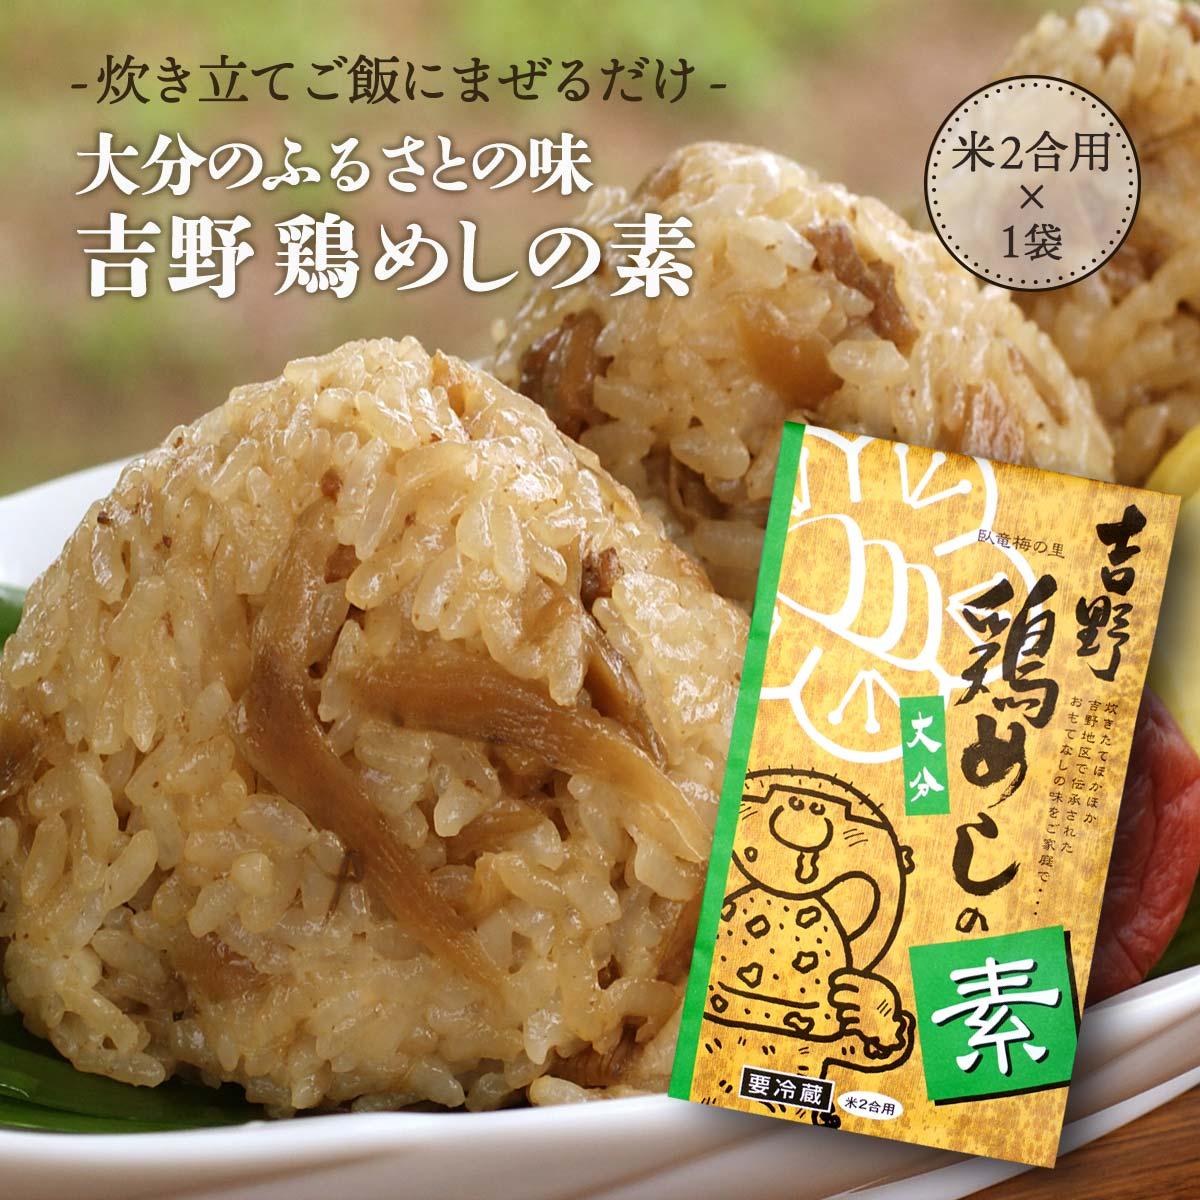 鳥めし 鳥めしの素 大分 お取り寄せ 米2合用 ギフト 吉野鶏めしの素 グルメ 新作製品、世界最高品質人気! 引き出物